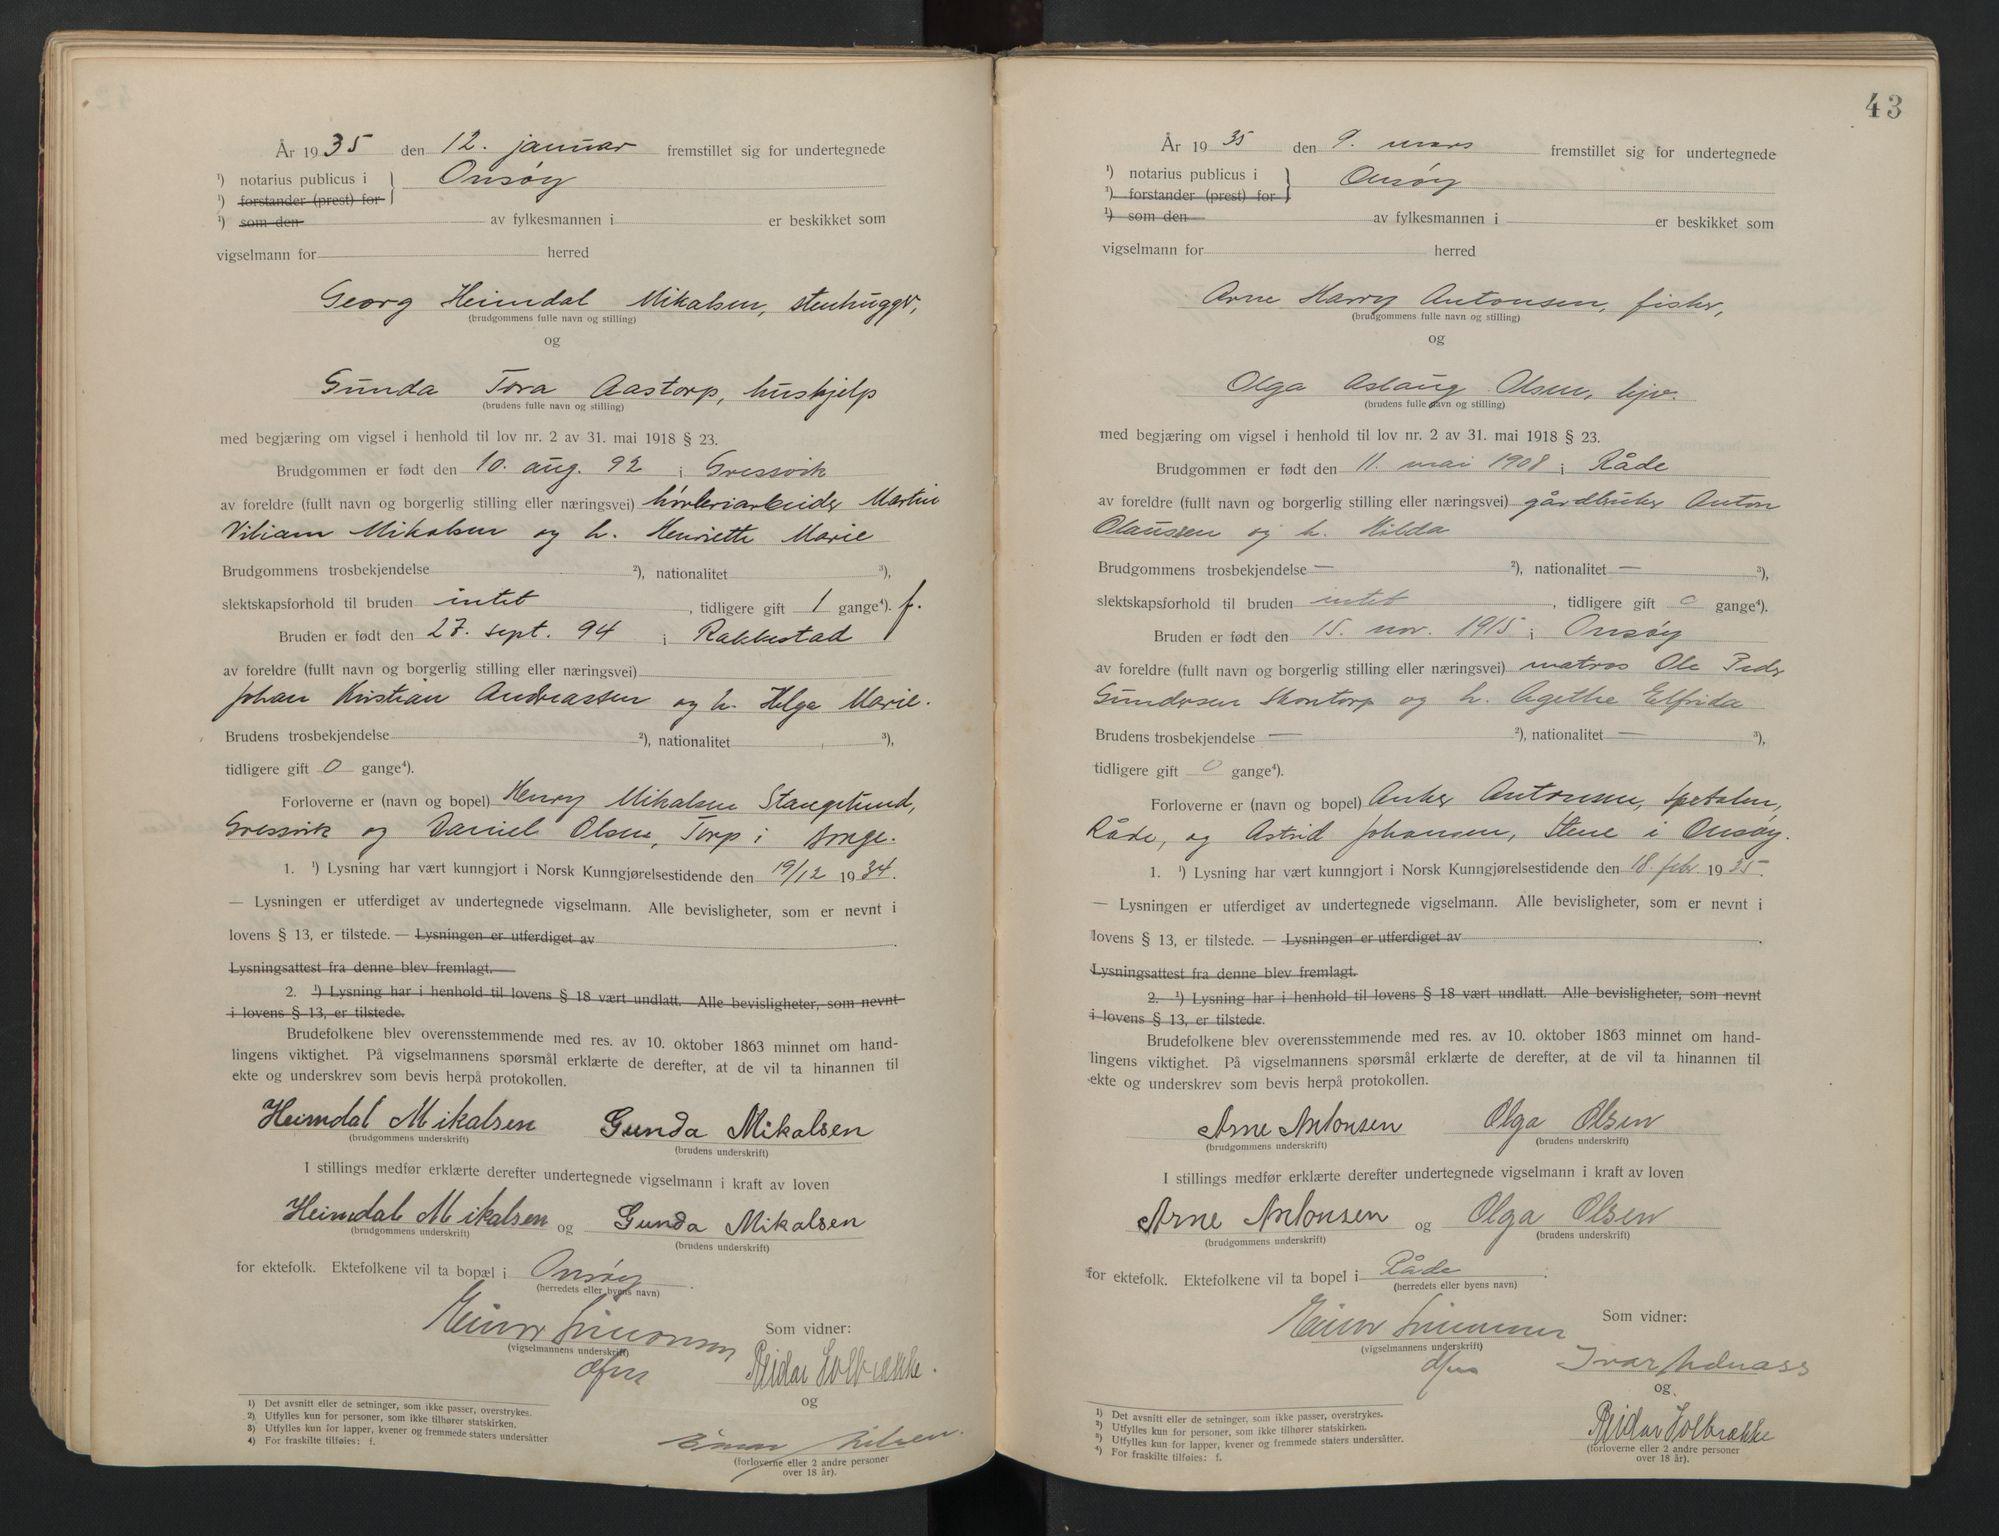 SAO, Onsøy sorenskriveri, L/La/L0001: Vigselsbok, 1920-1942, s. 43